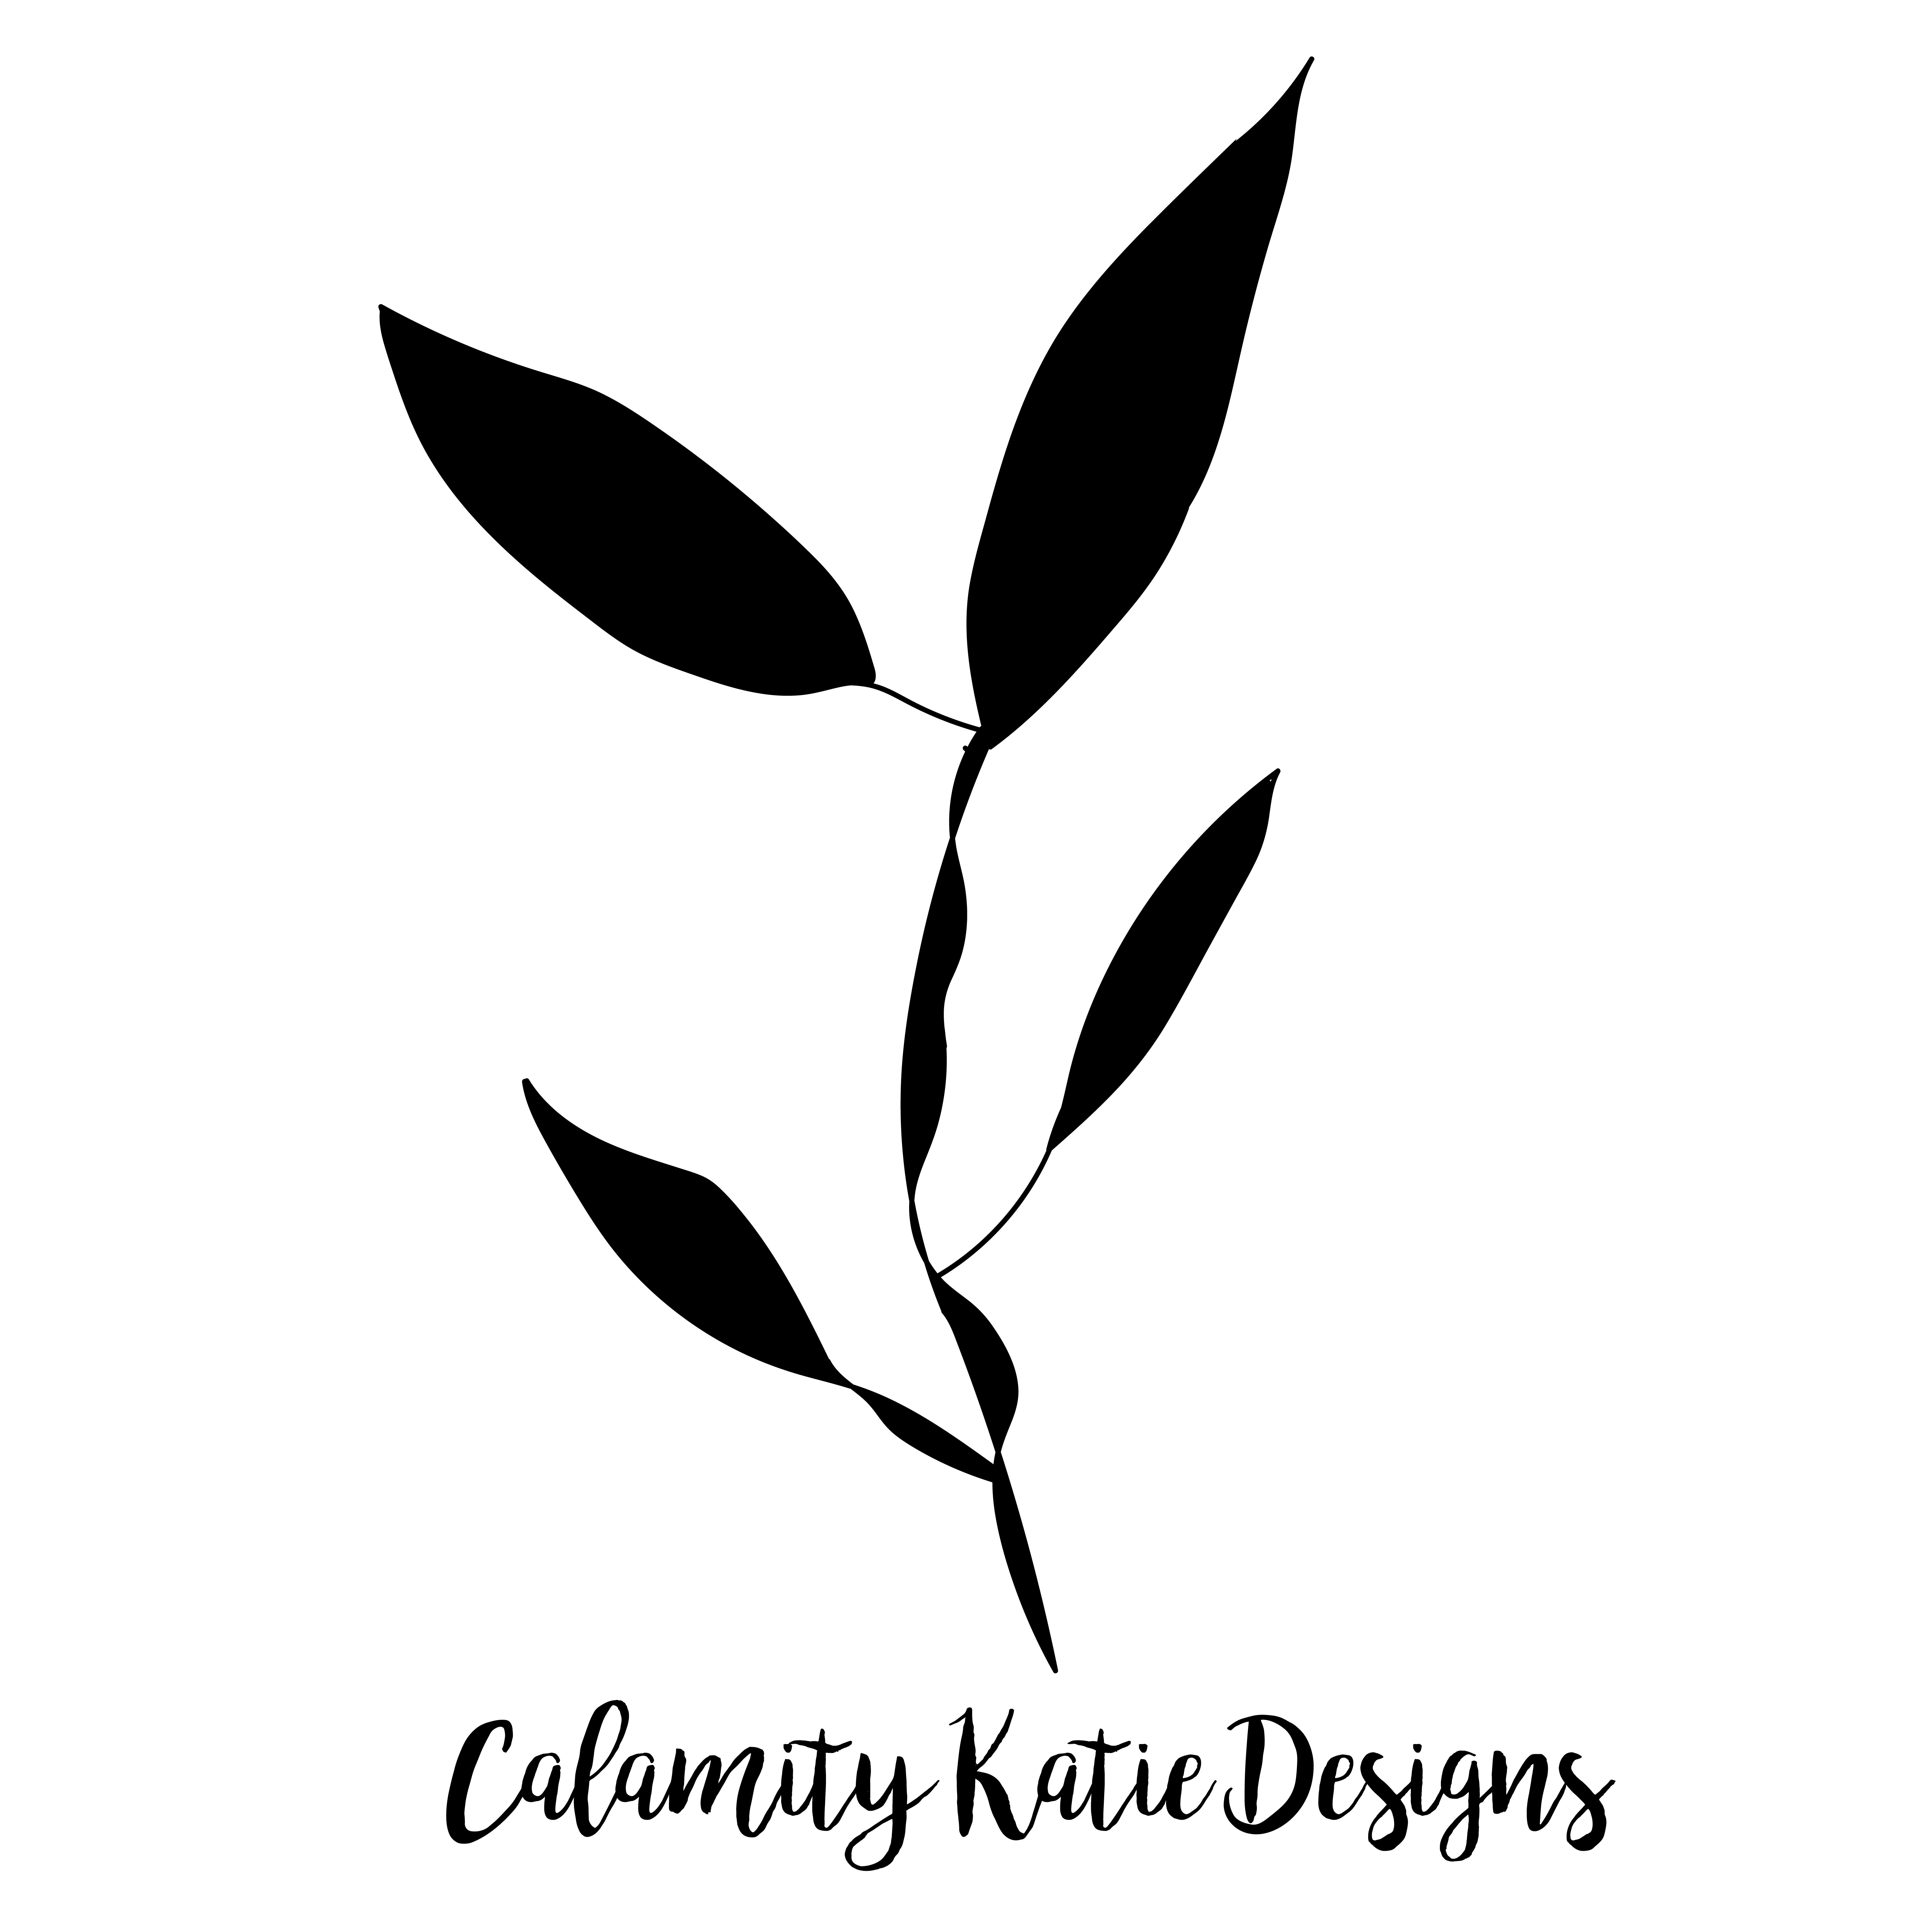 Calamity Katie